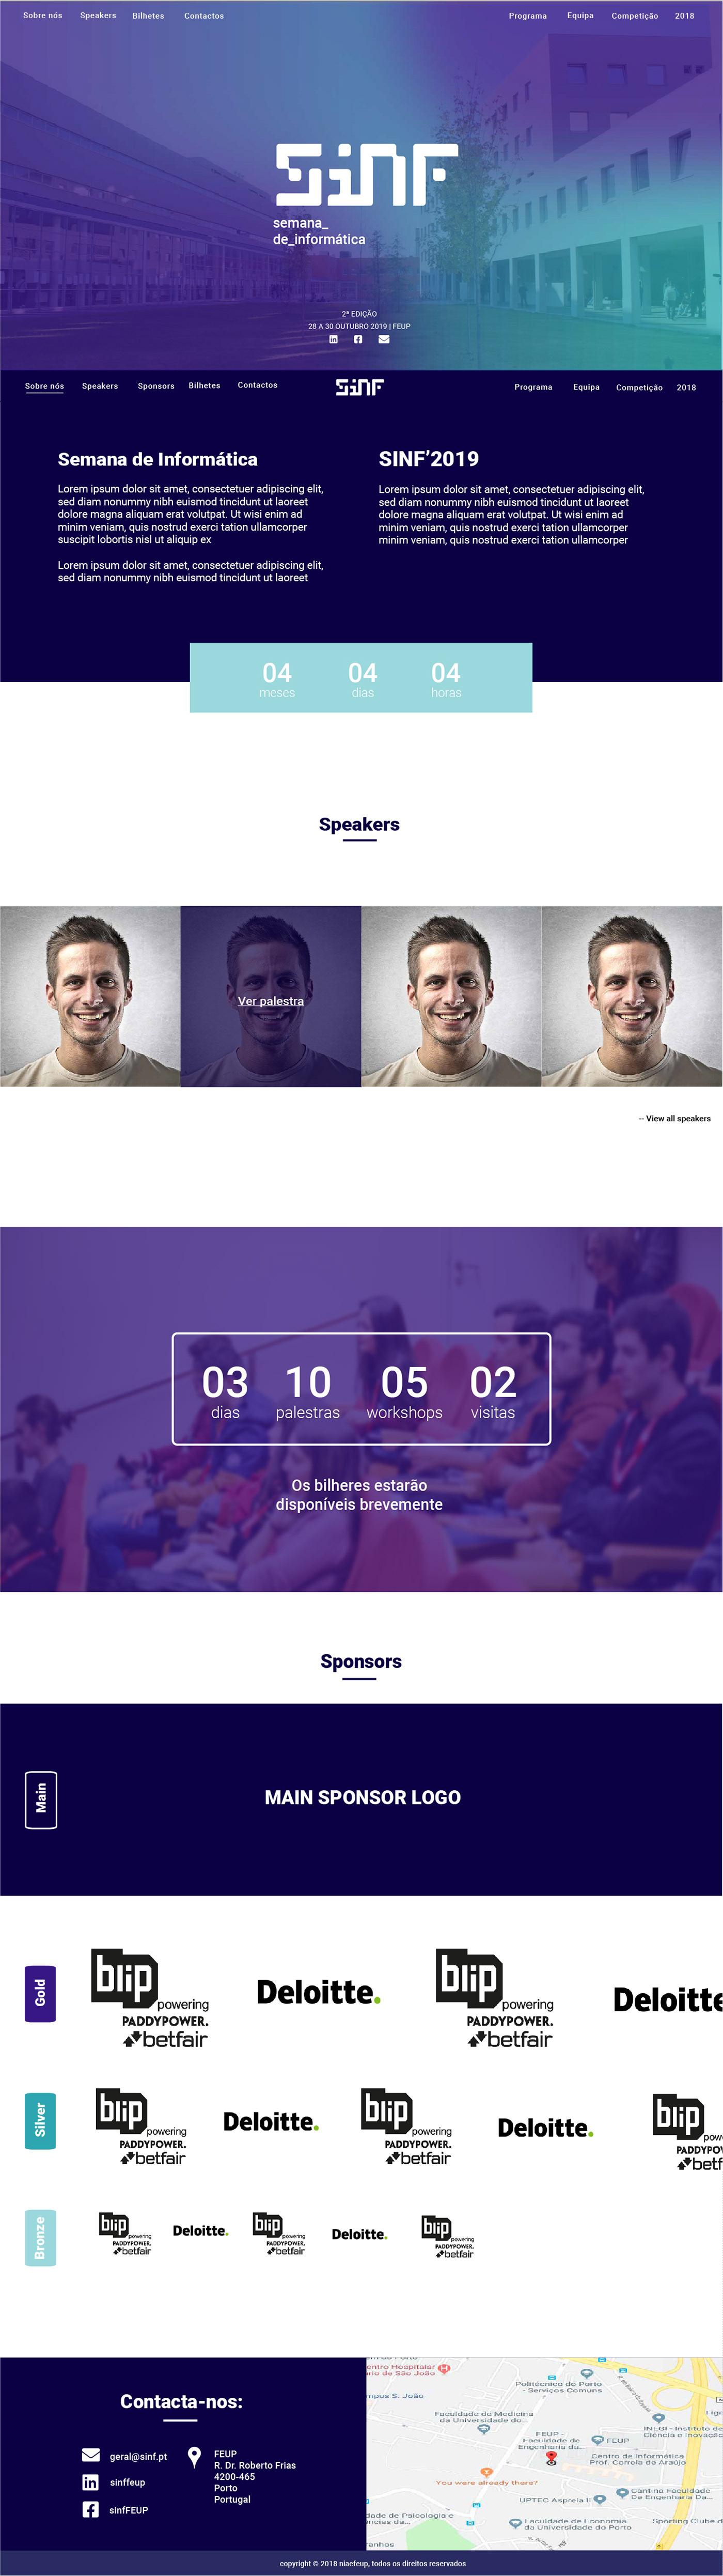 conference Event merchendise tech ux/ui Web Design